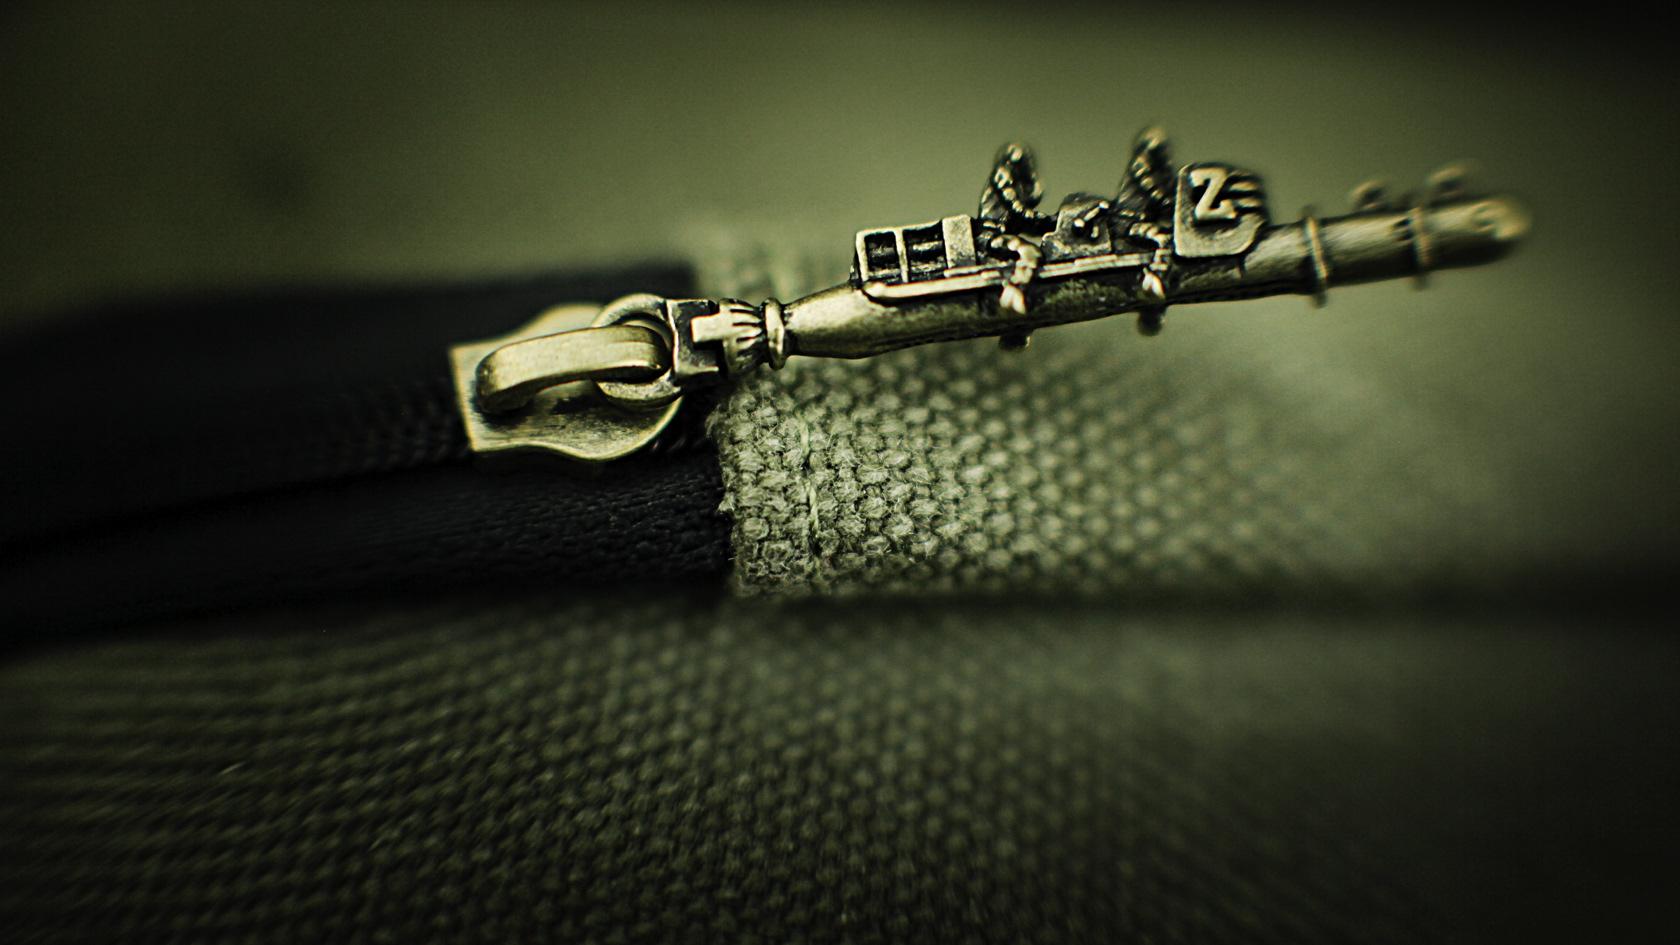 unique SLC zipper